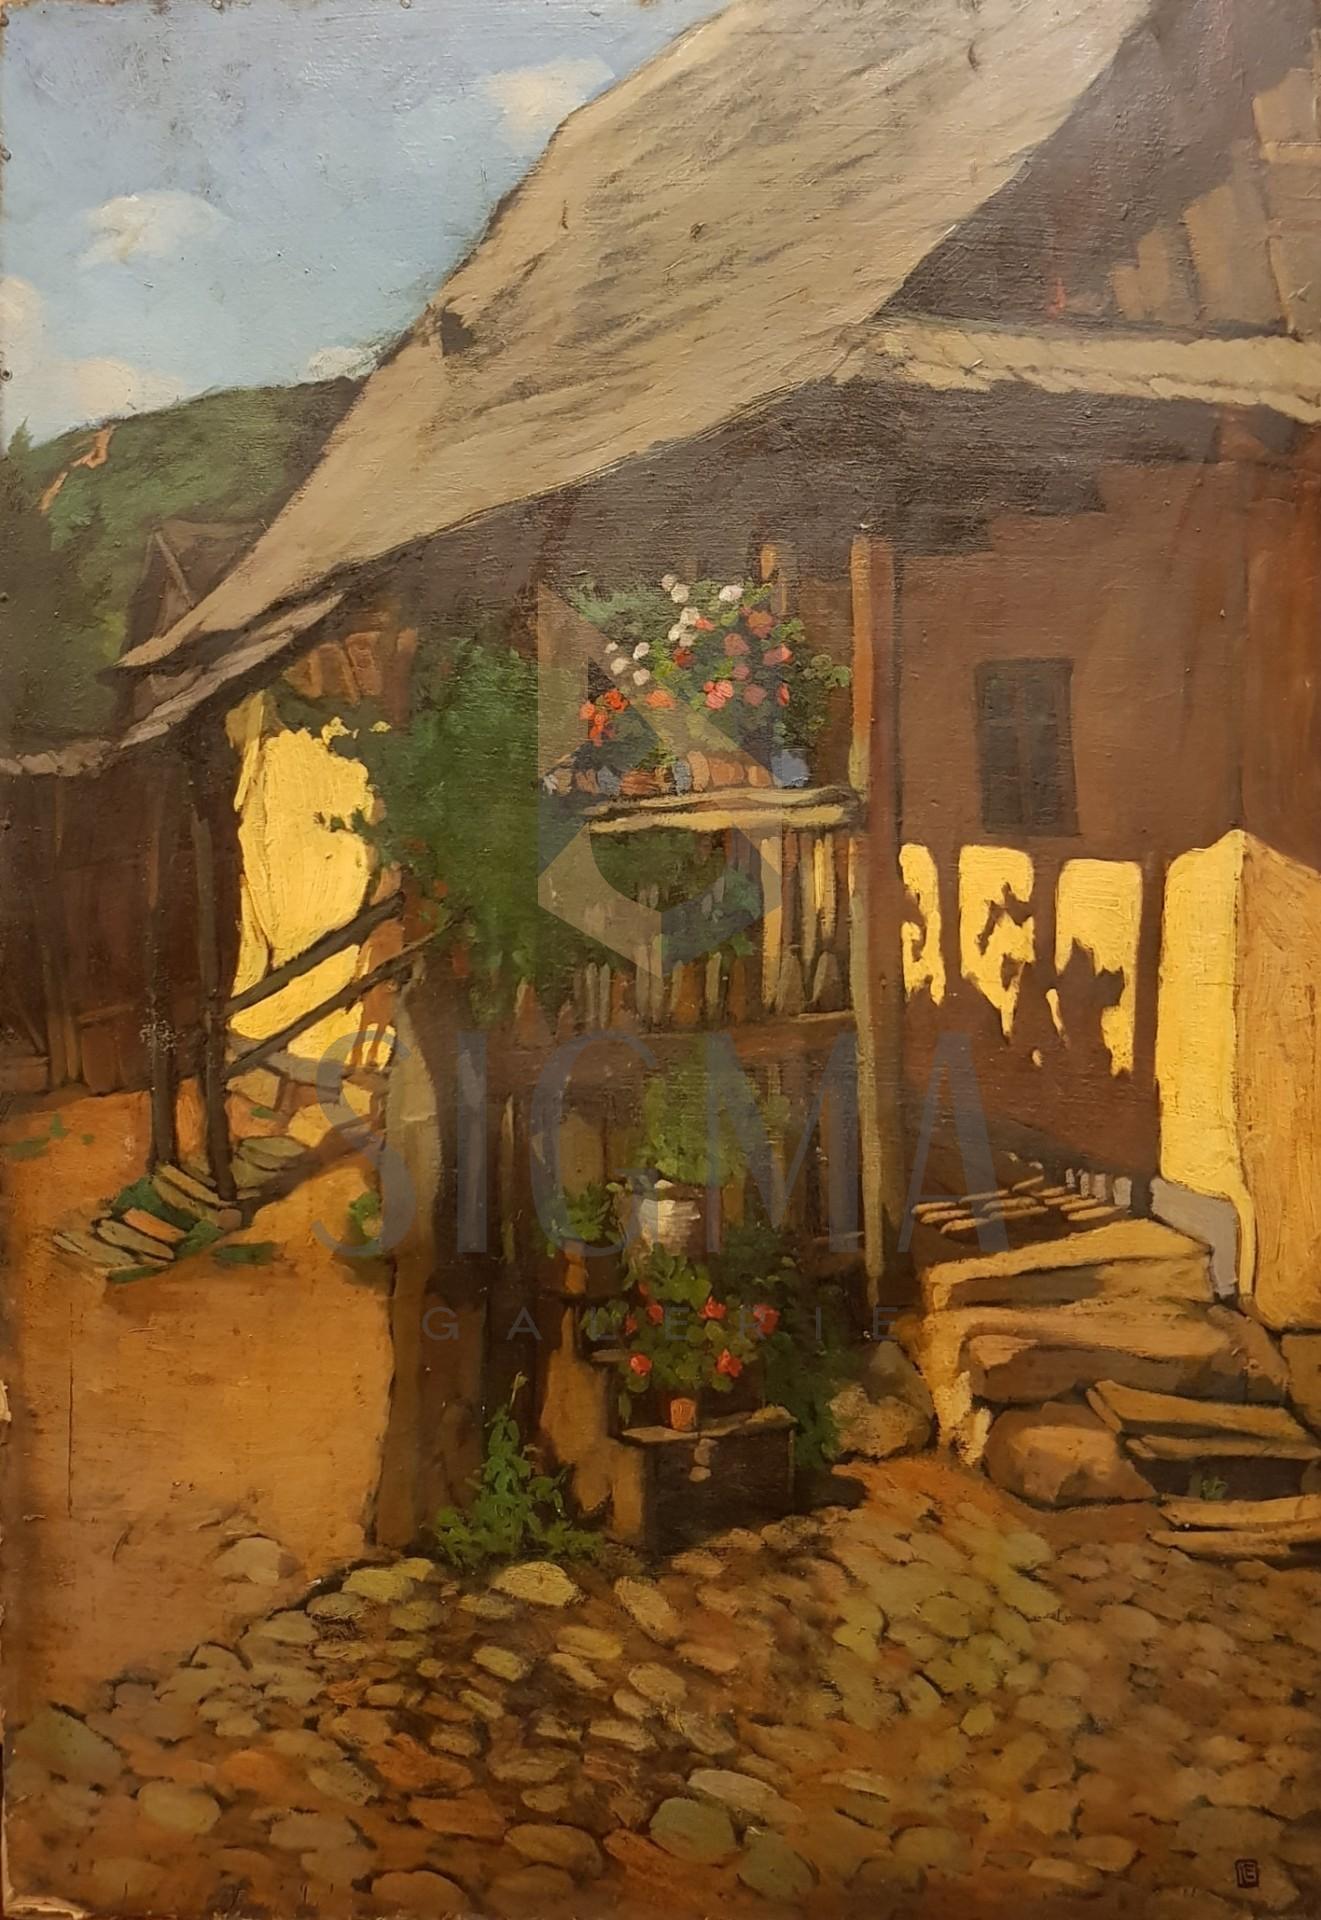 TABLOU, LITTECZKY ENDRE ANDREI ( 1880 - 1953 ) , PRISPA CU FLORI, Scoala de Baia Mare, U/C